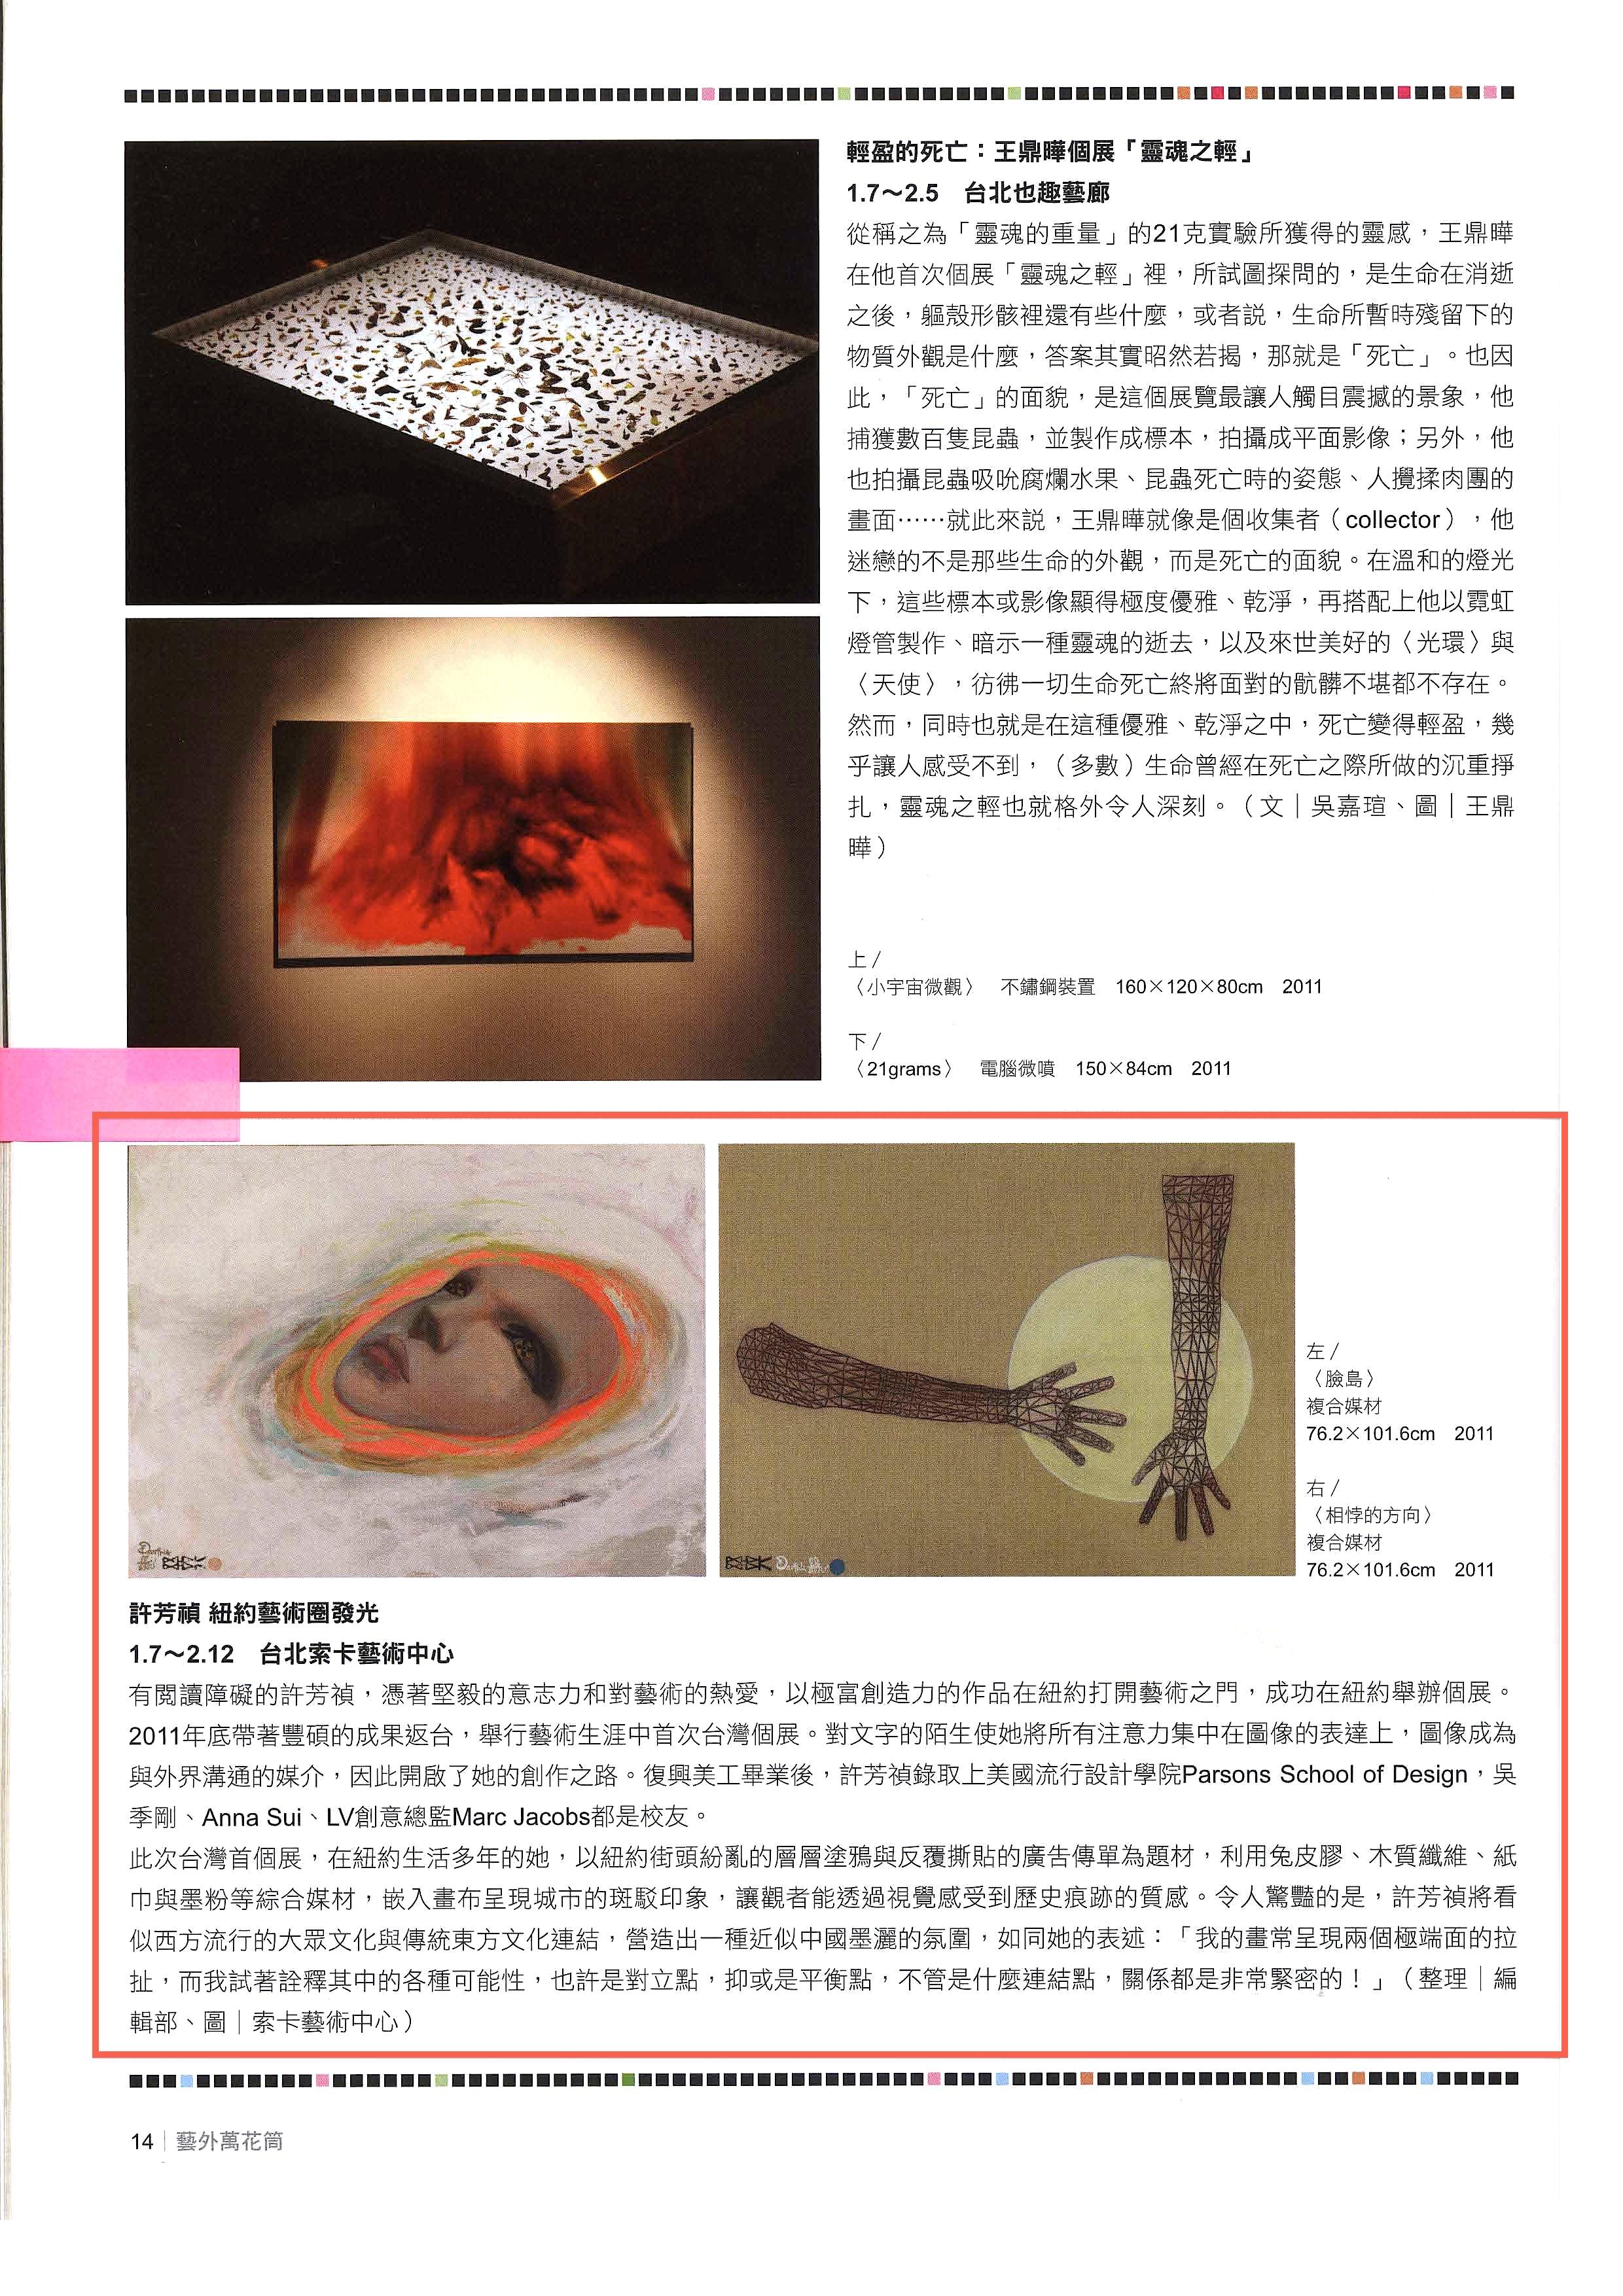 ARTITUDE藝外雜誌_許芳禎報導_Page_1.jpg